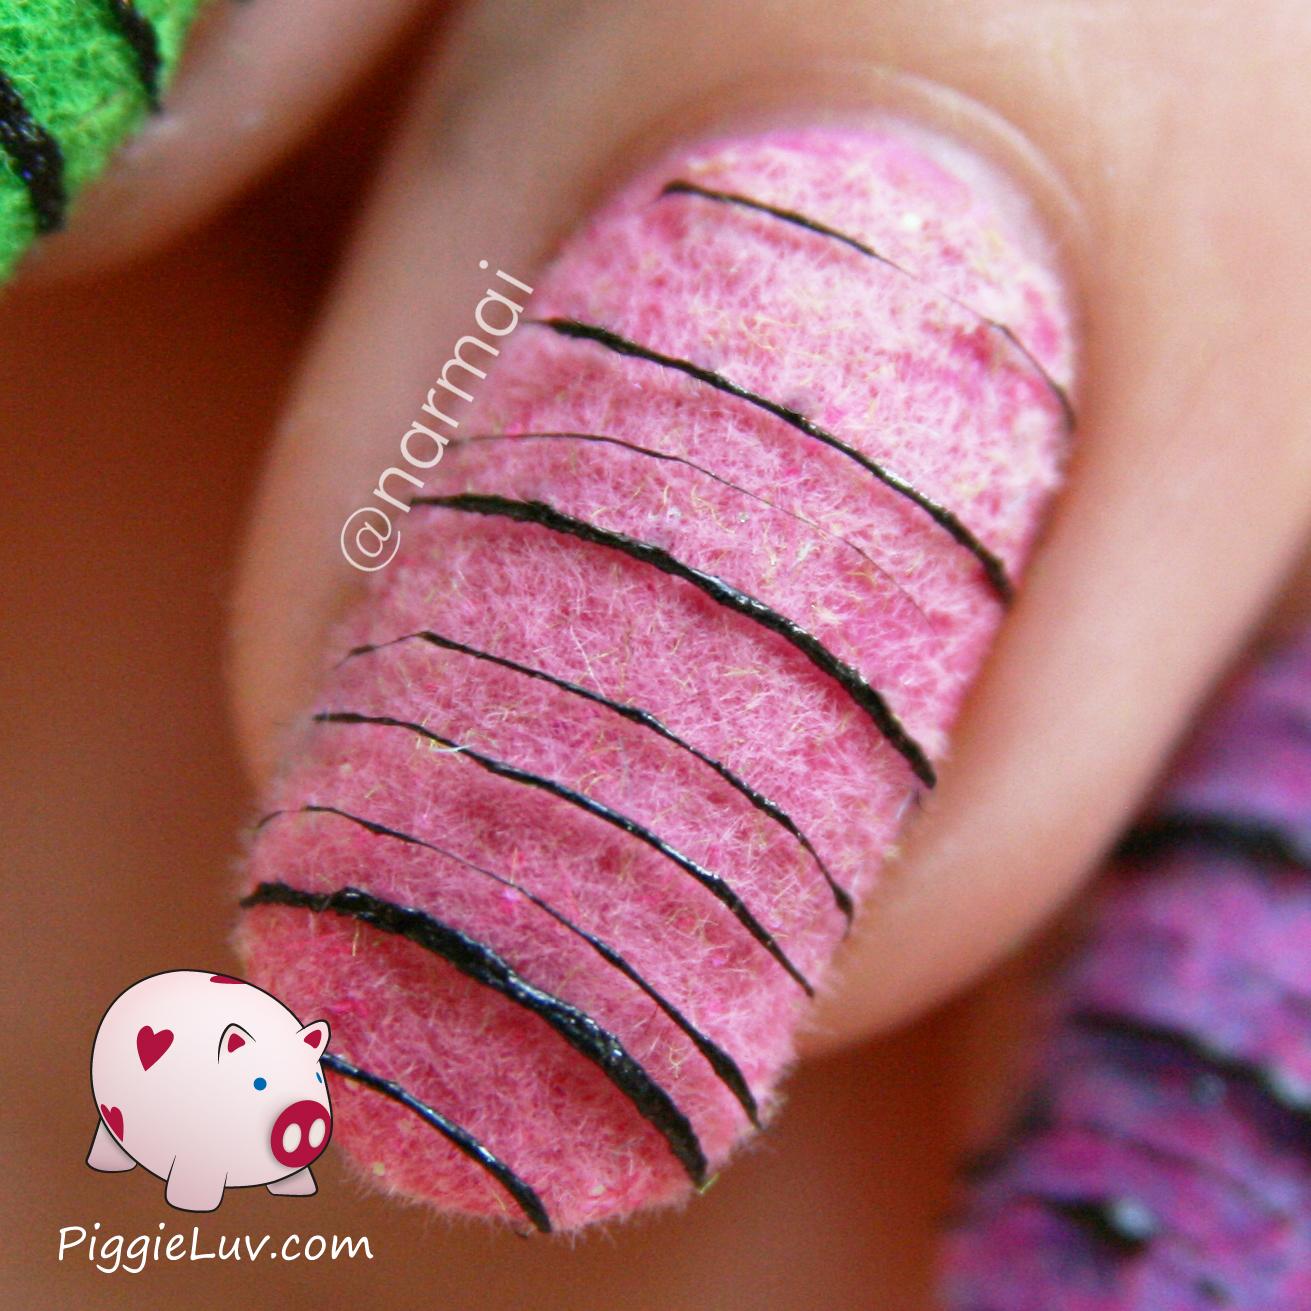 Piggieluv Sugar Spun On Top Of Flocking Powder Nail Art